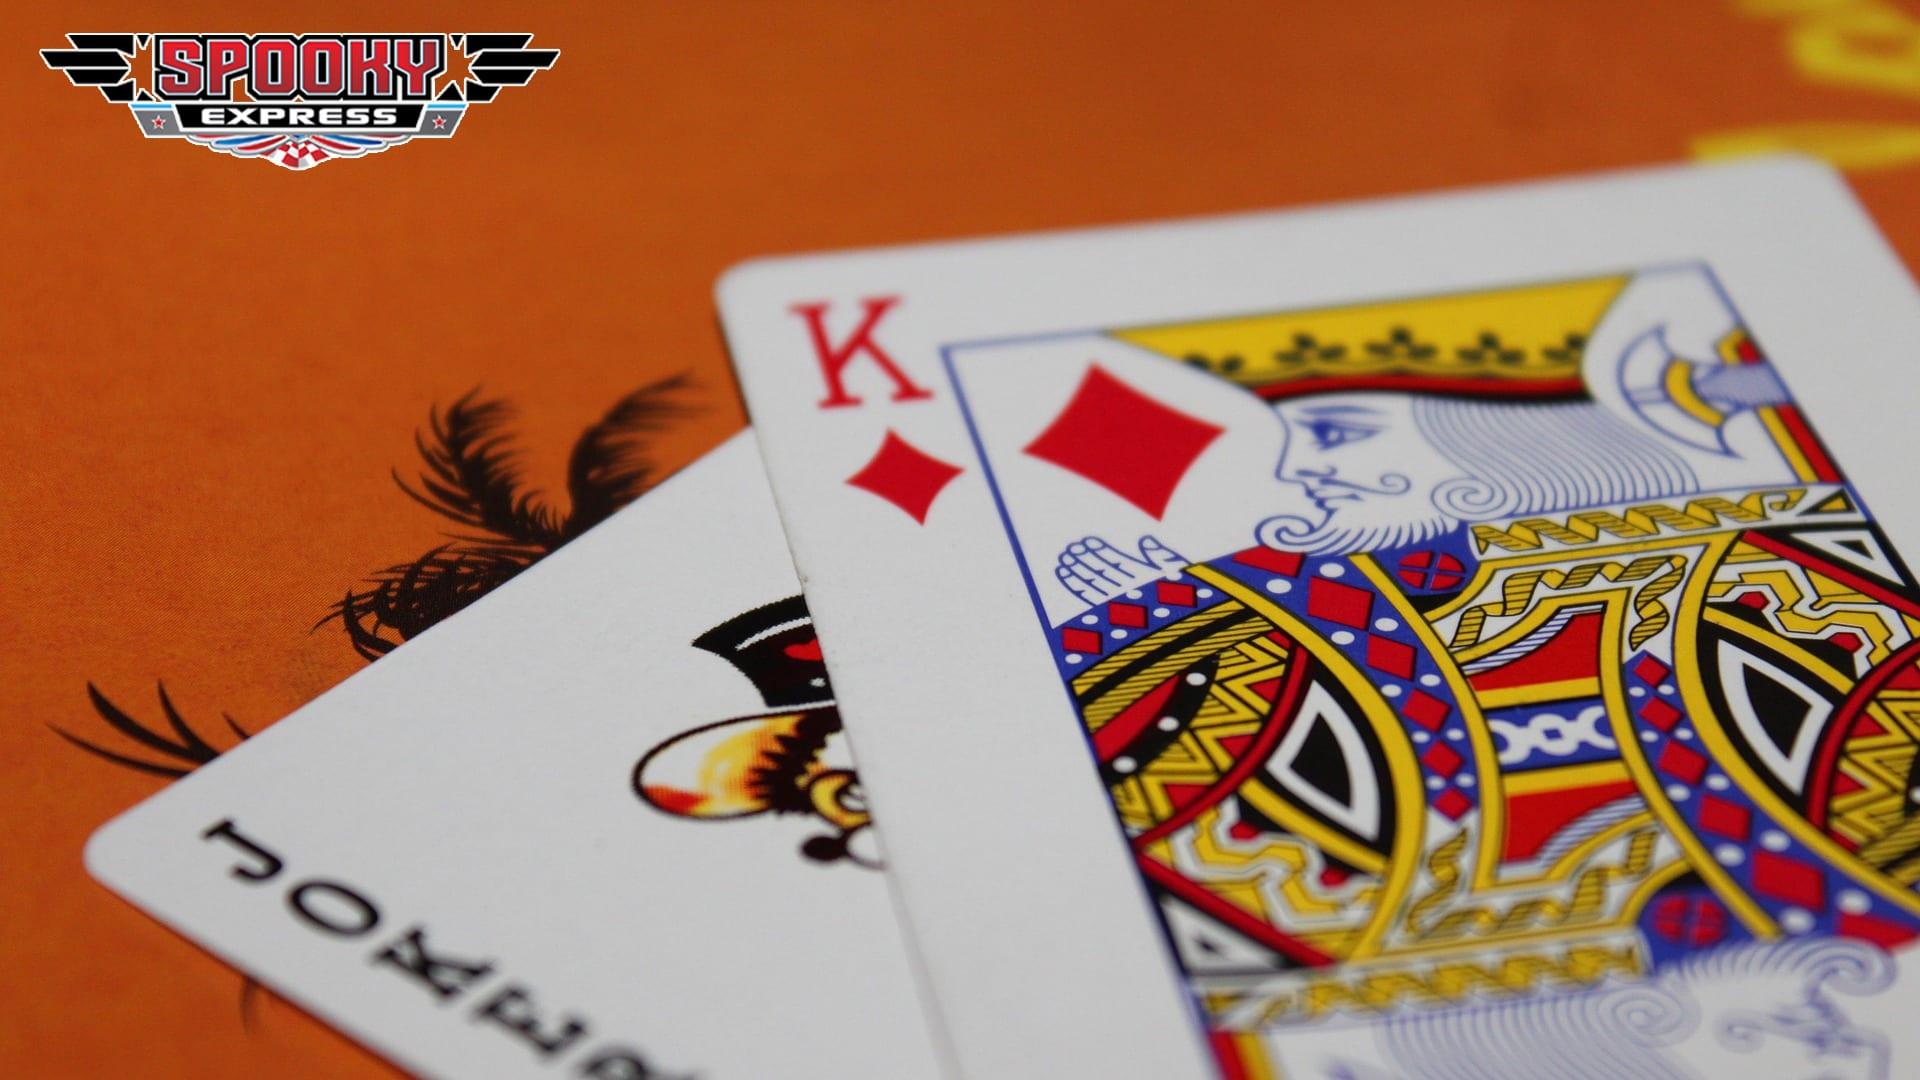 Gametwist casino online